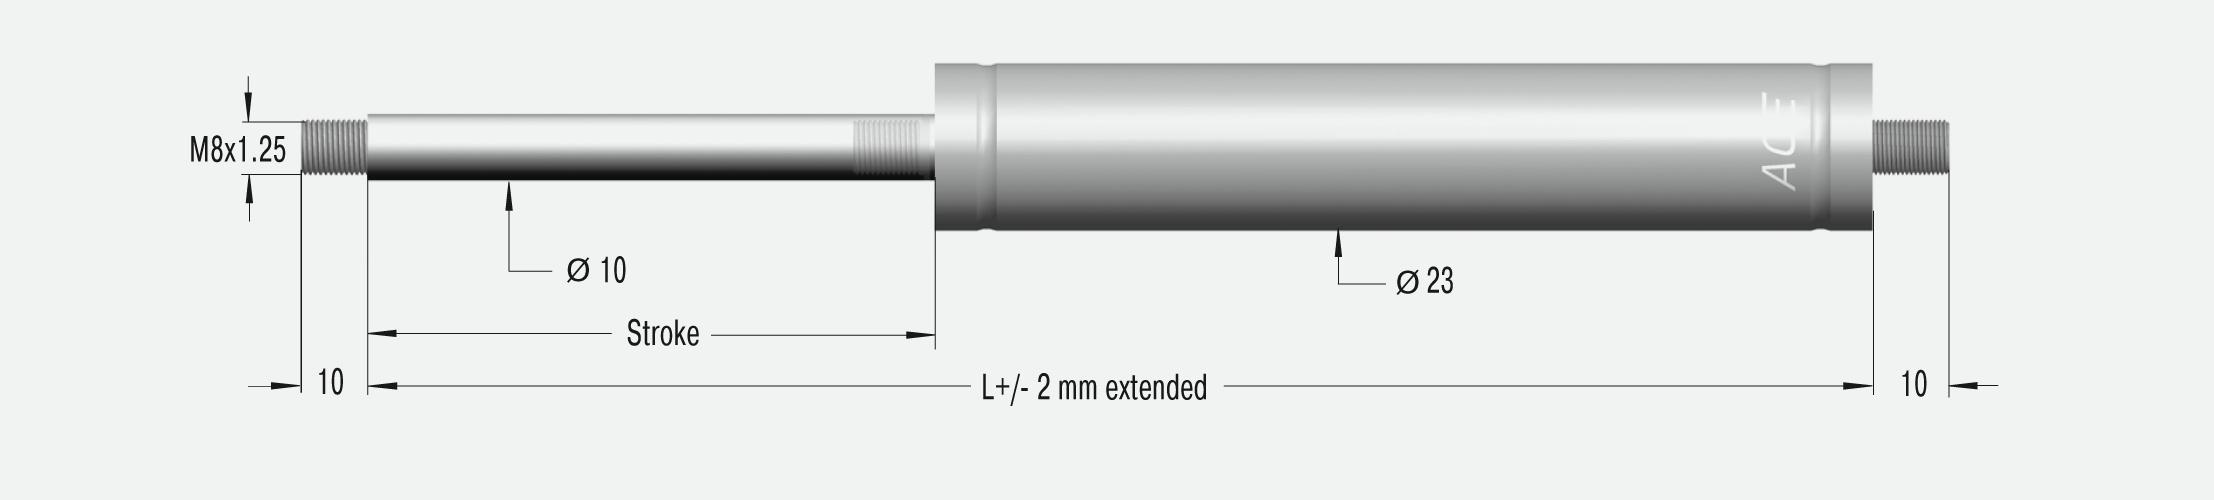 GS-22-500-V4A